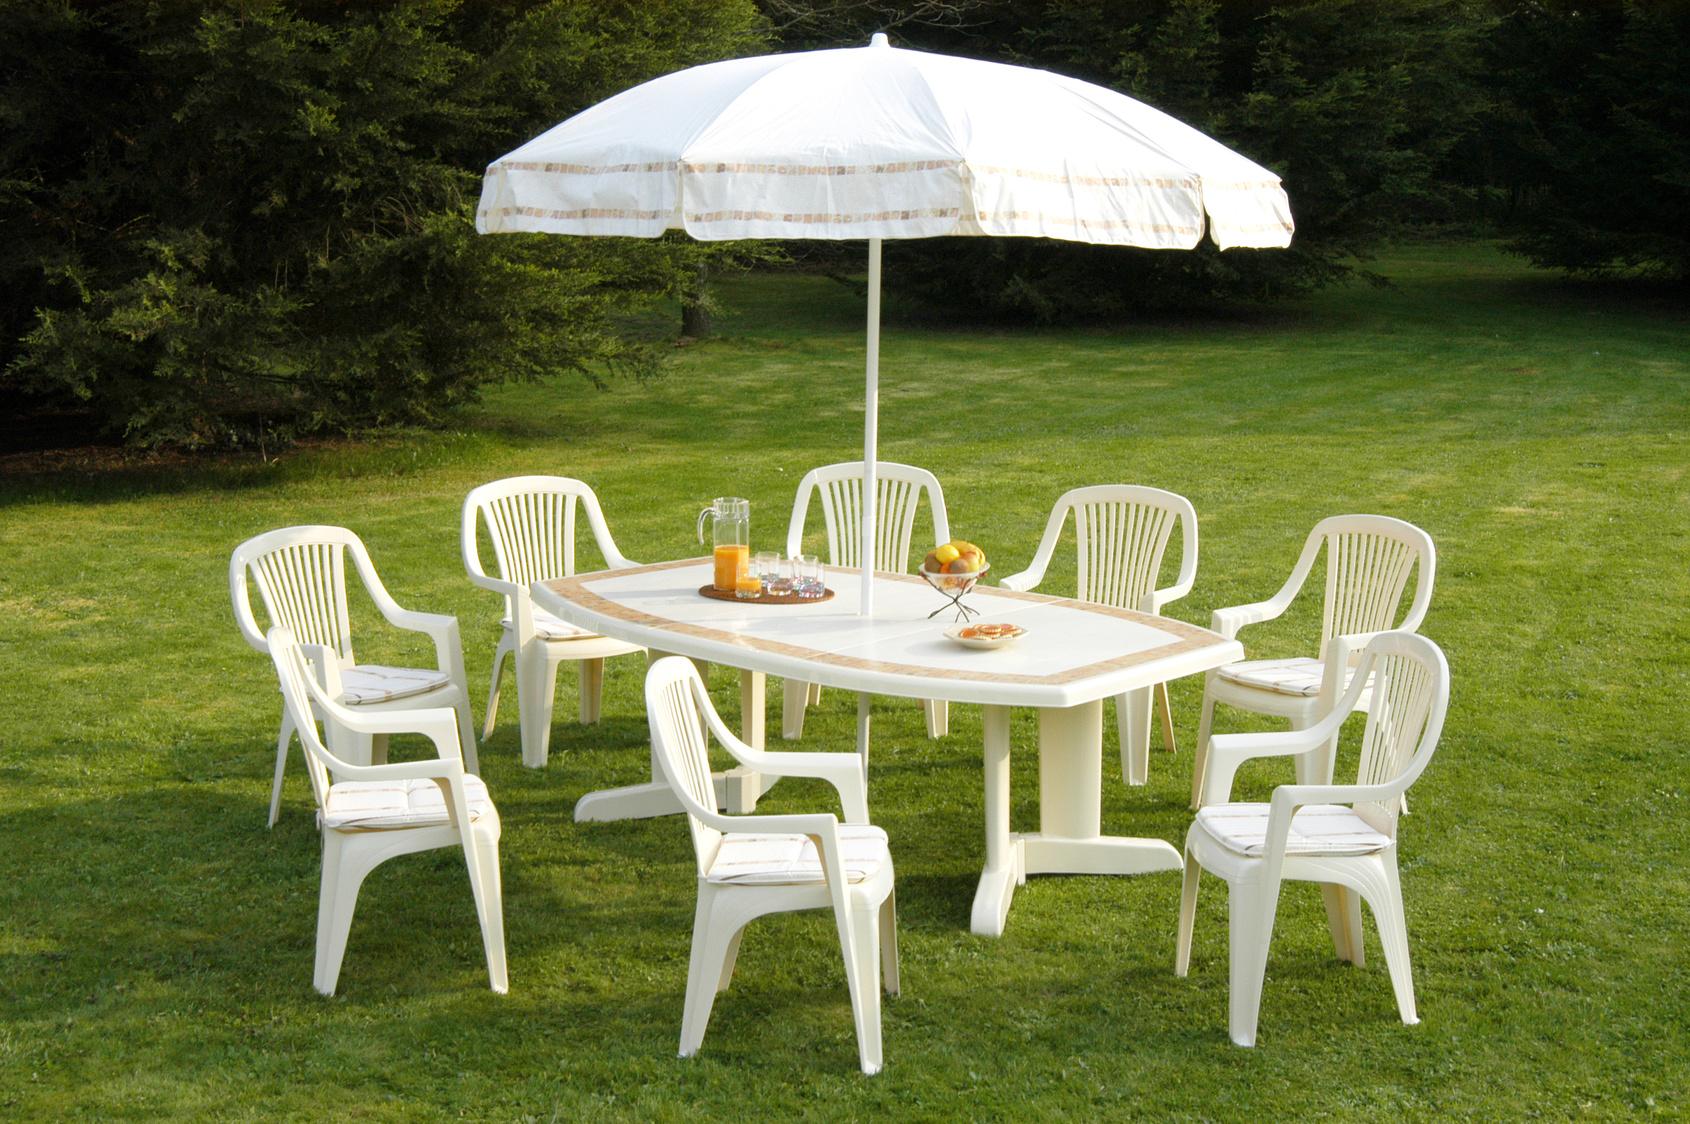 Entretenir son mobilier de jardin en teck, bois et plastique